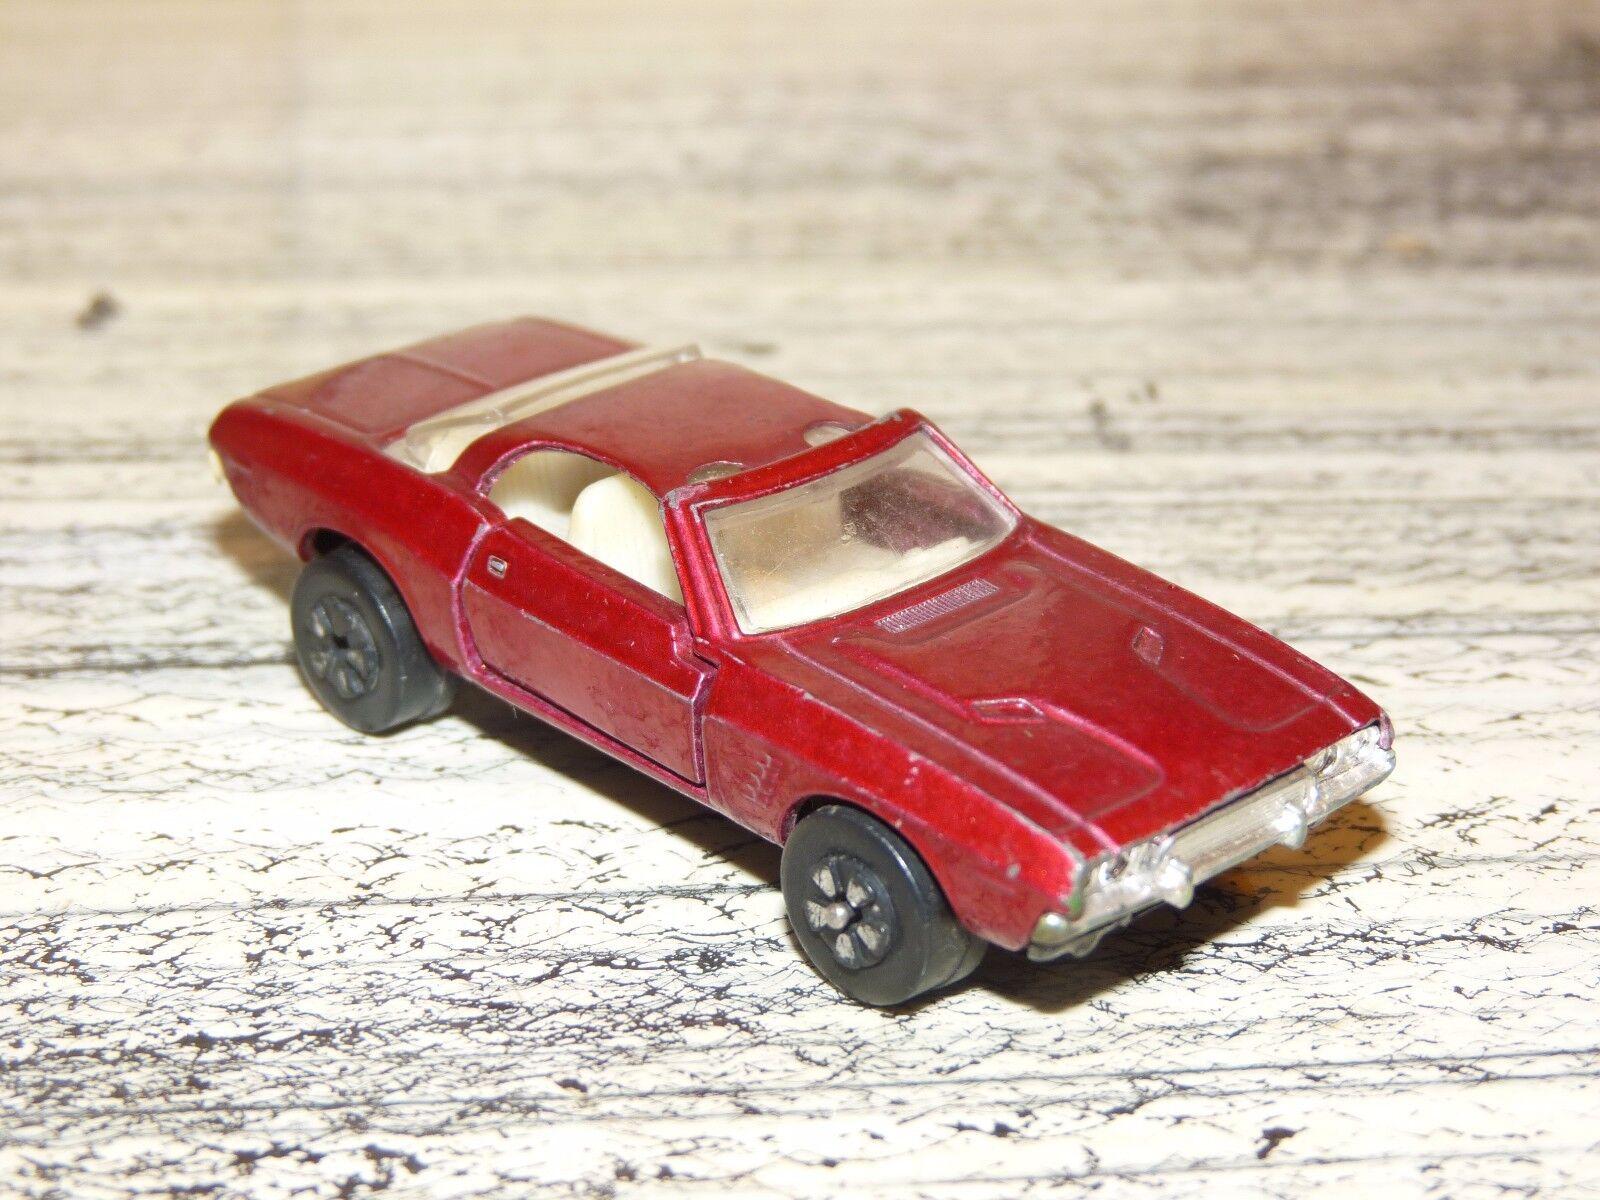 venta caliente en línea Vintage Raro Hong Kong Kong Kong Jugarart Dodge Challenger Metal Diecast Coche de Juguete 1970  el más barato